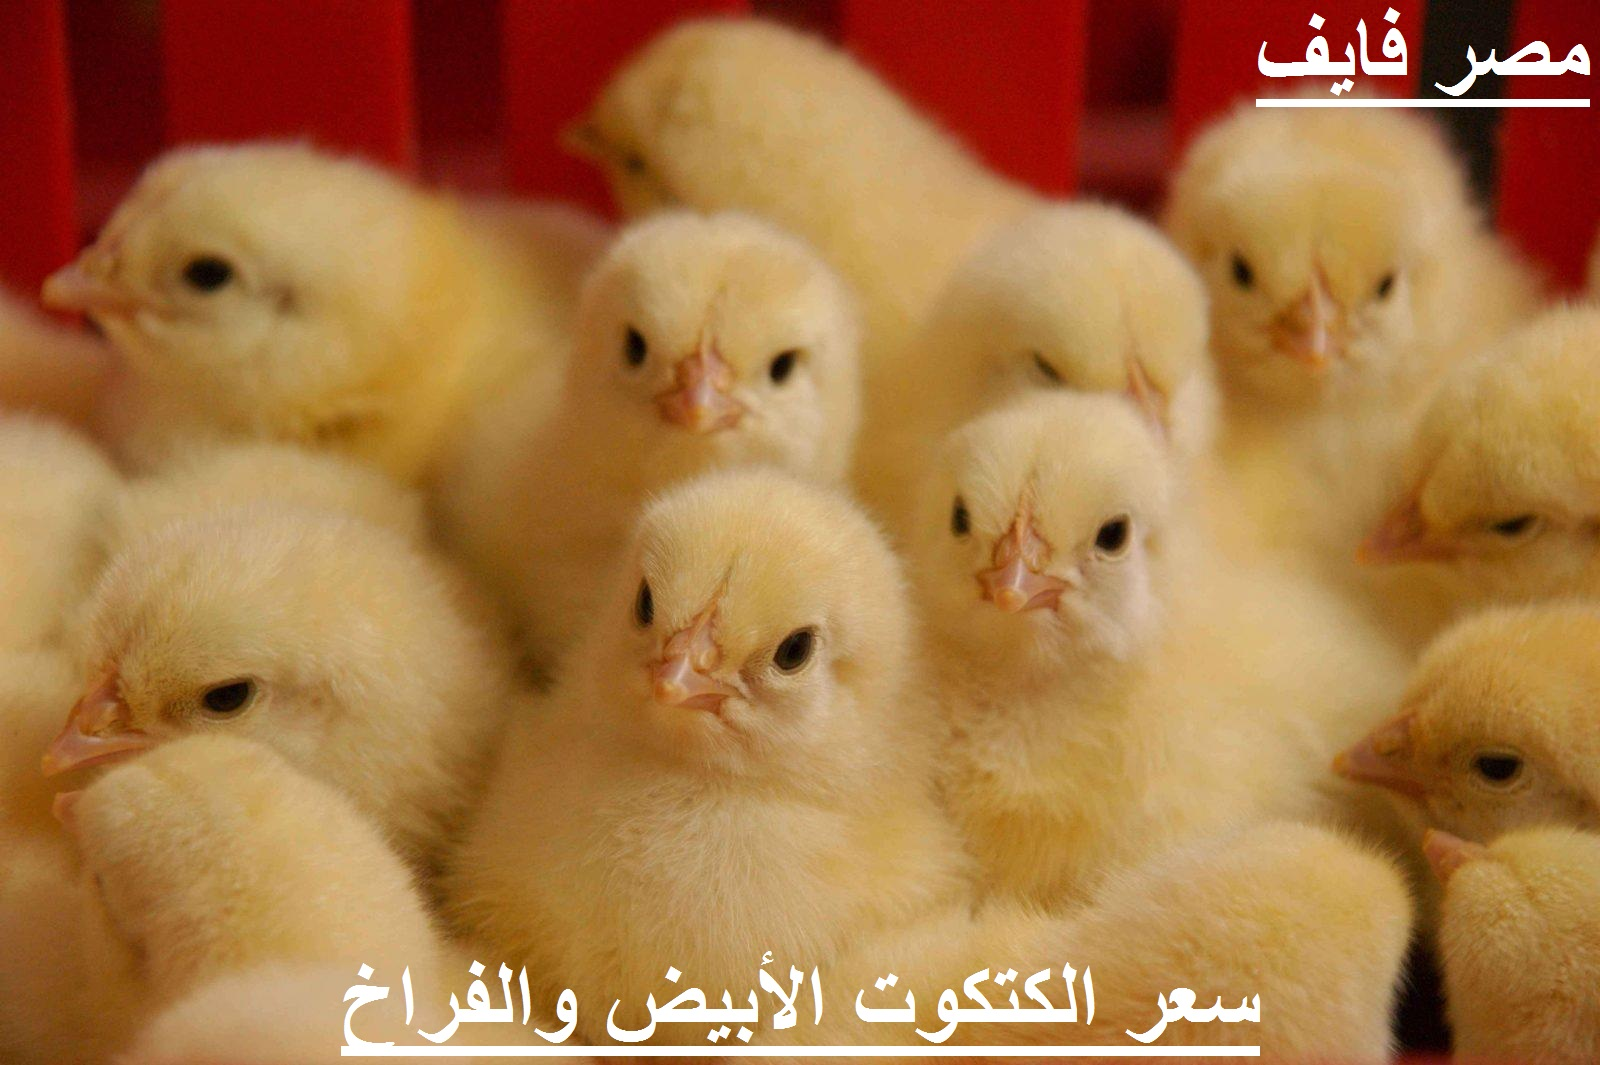 Bolsa de Avicultura ... Rápidos movimientos en los precios de las aves de corral hoy, lunes 5 de abril de 2021, y un aumento en el precio de los pollitos y el precio de los pollitos blancos 5